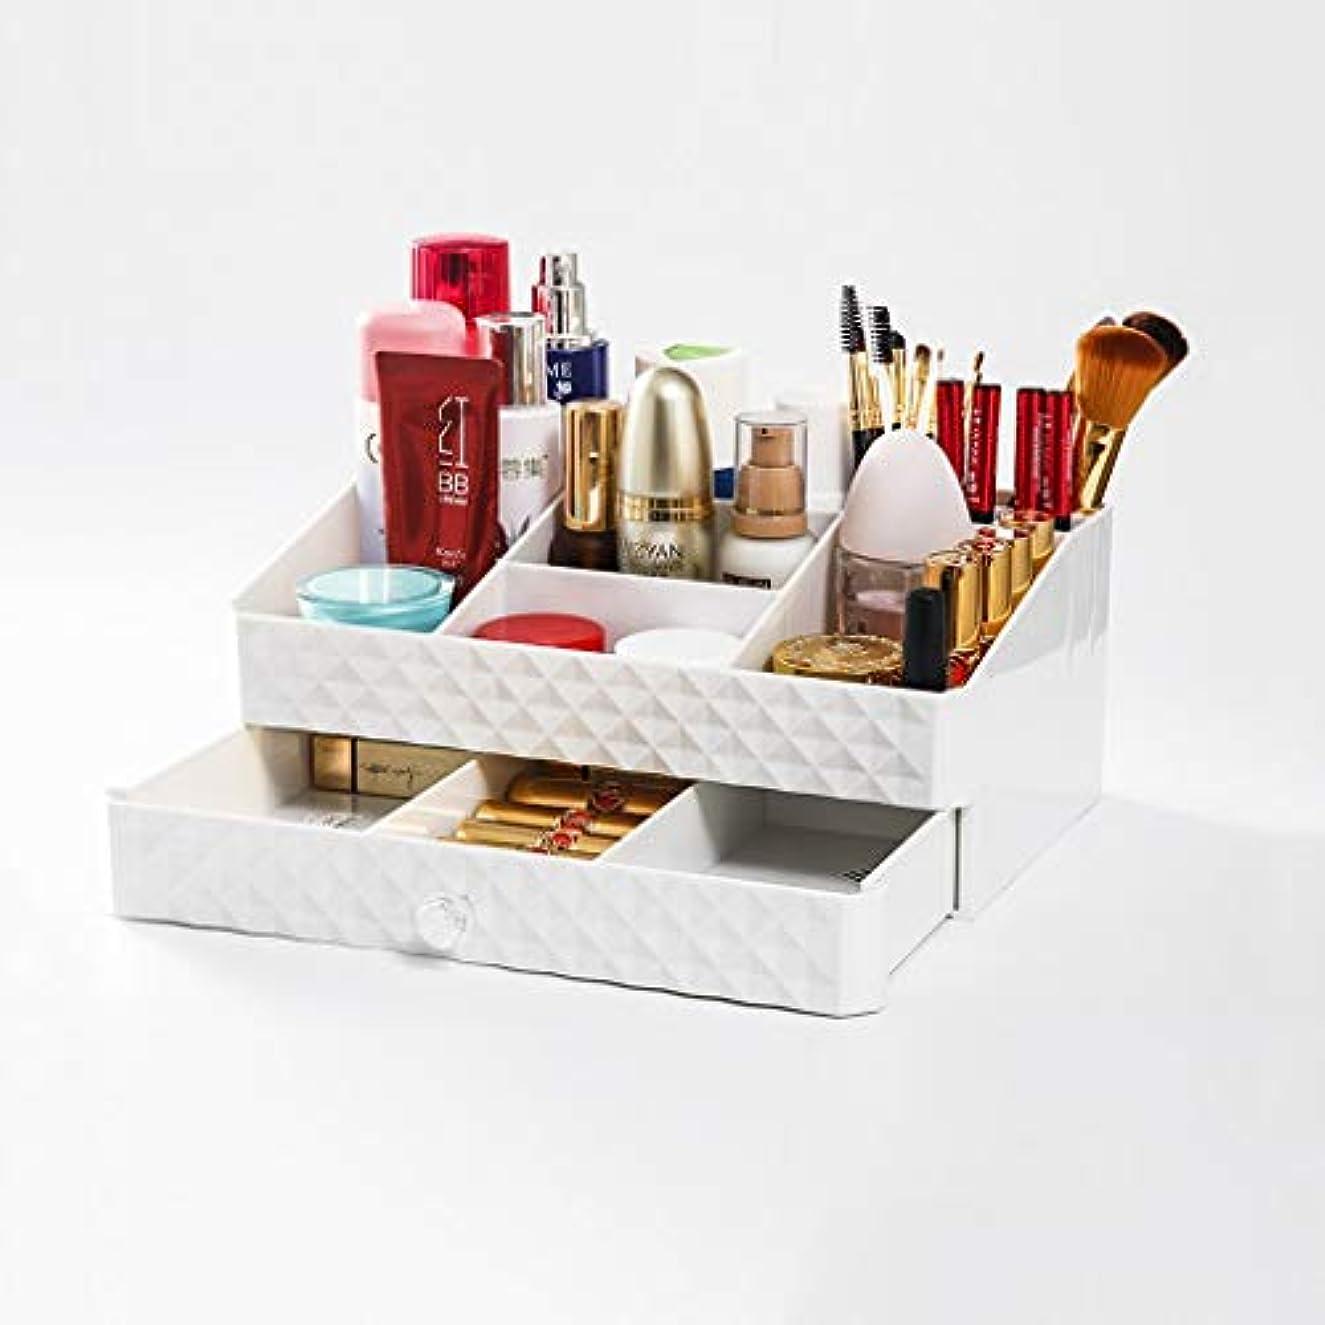 認知ルーキー道化粧品収納ボックスプラスチック引き出しタイプデスクトップスキンケア製品仕上げボックス口紅香水ジュエリー収納ボックス